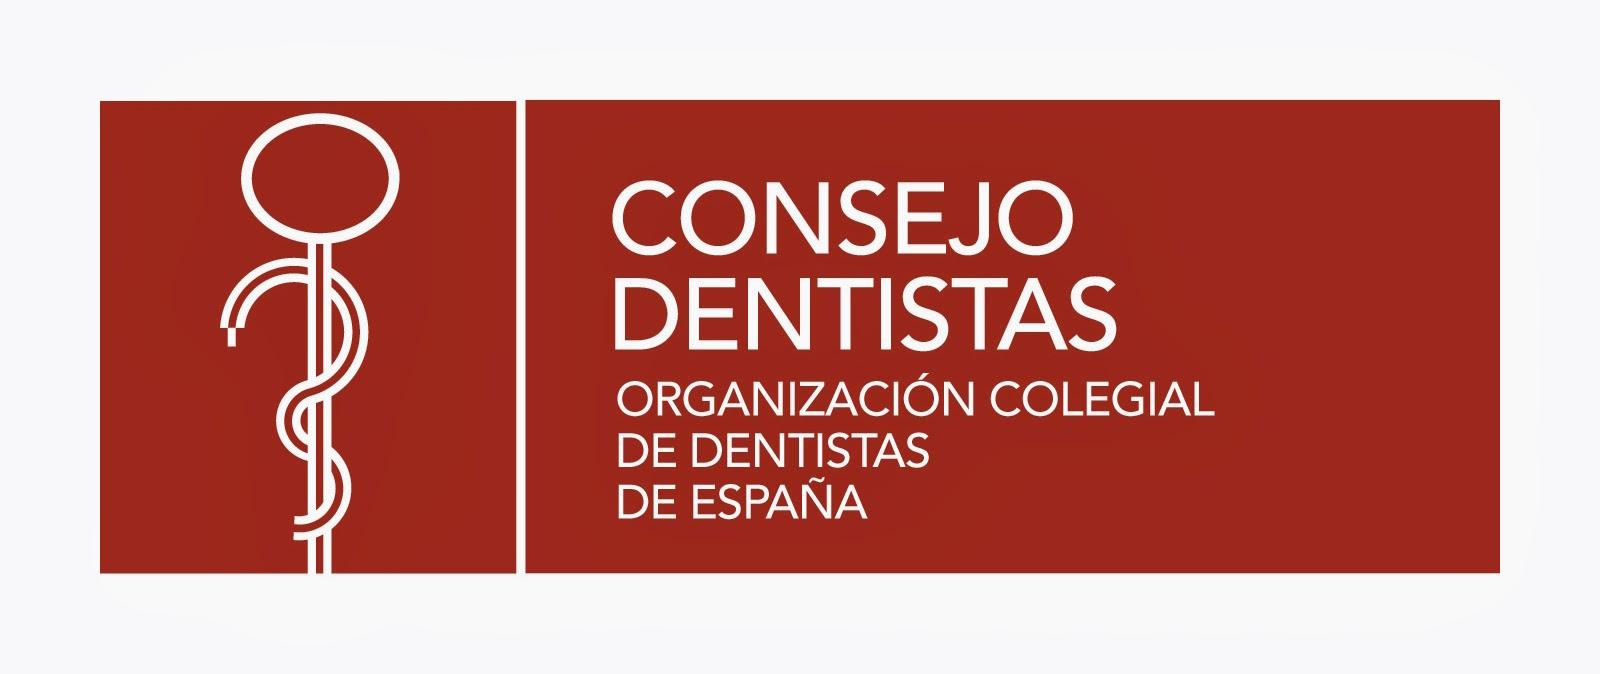 CONSEJO DENTISTAS DE ESPAÑA